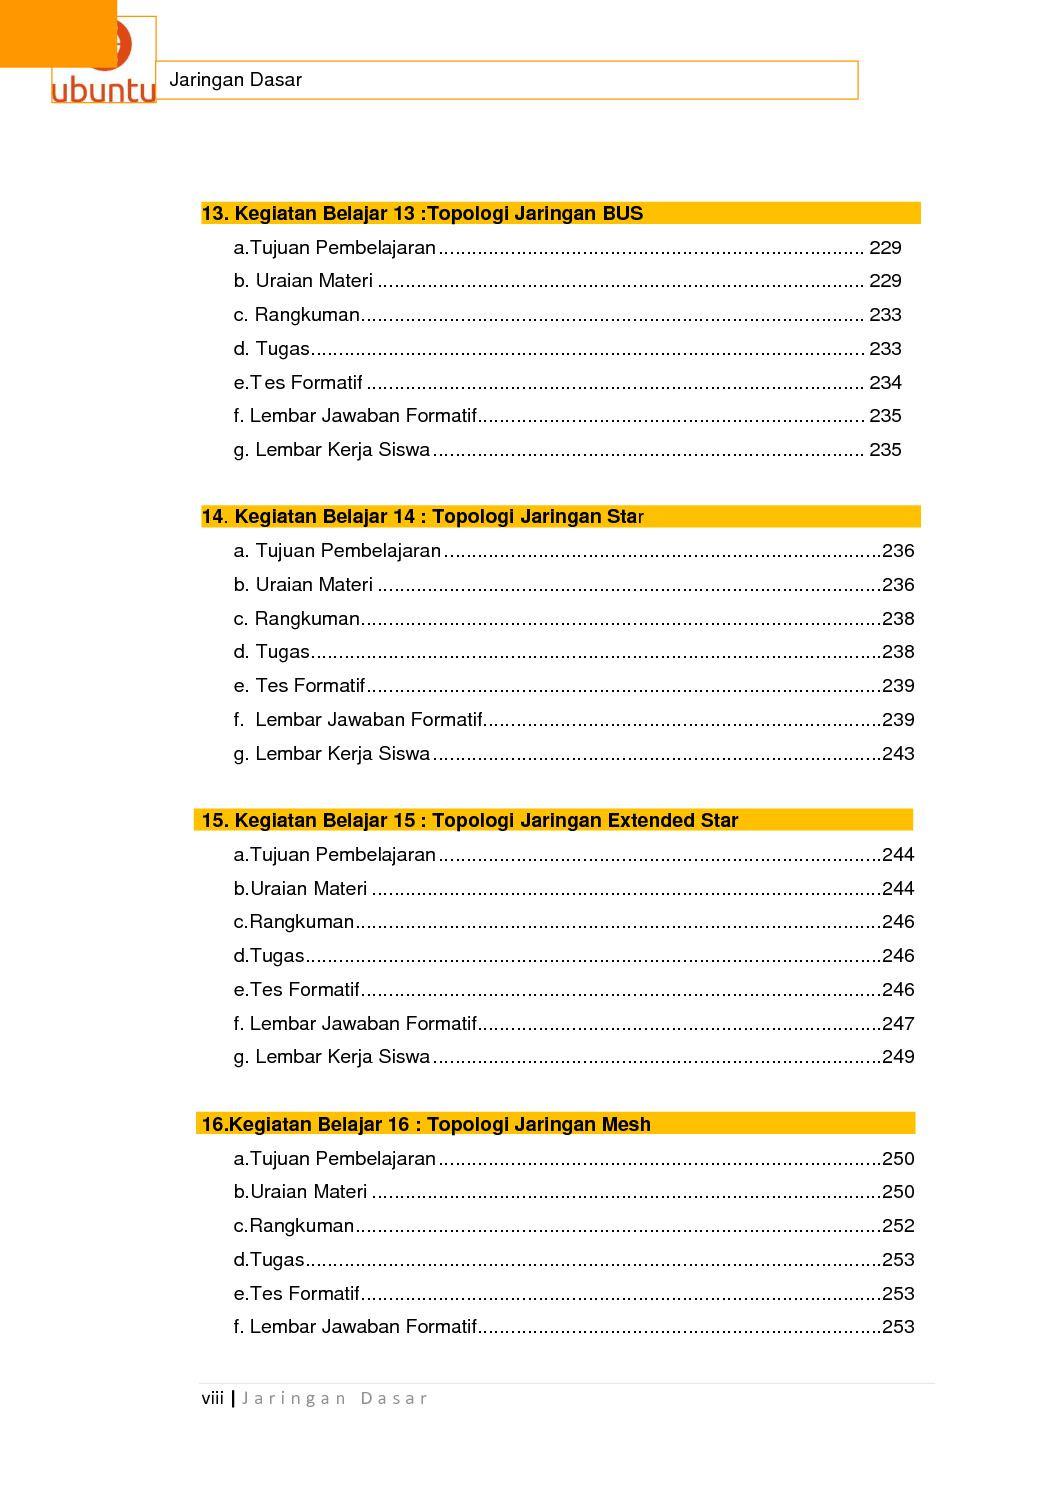 Jawaban Tugas 1 Bahasa Indonesia Kelas 10 Halaman 236 ...